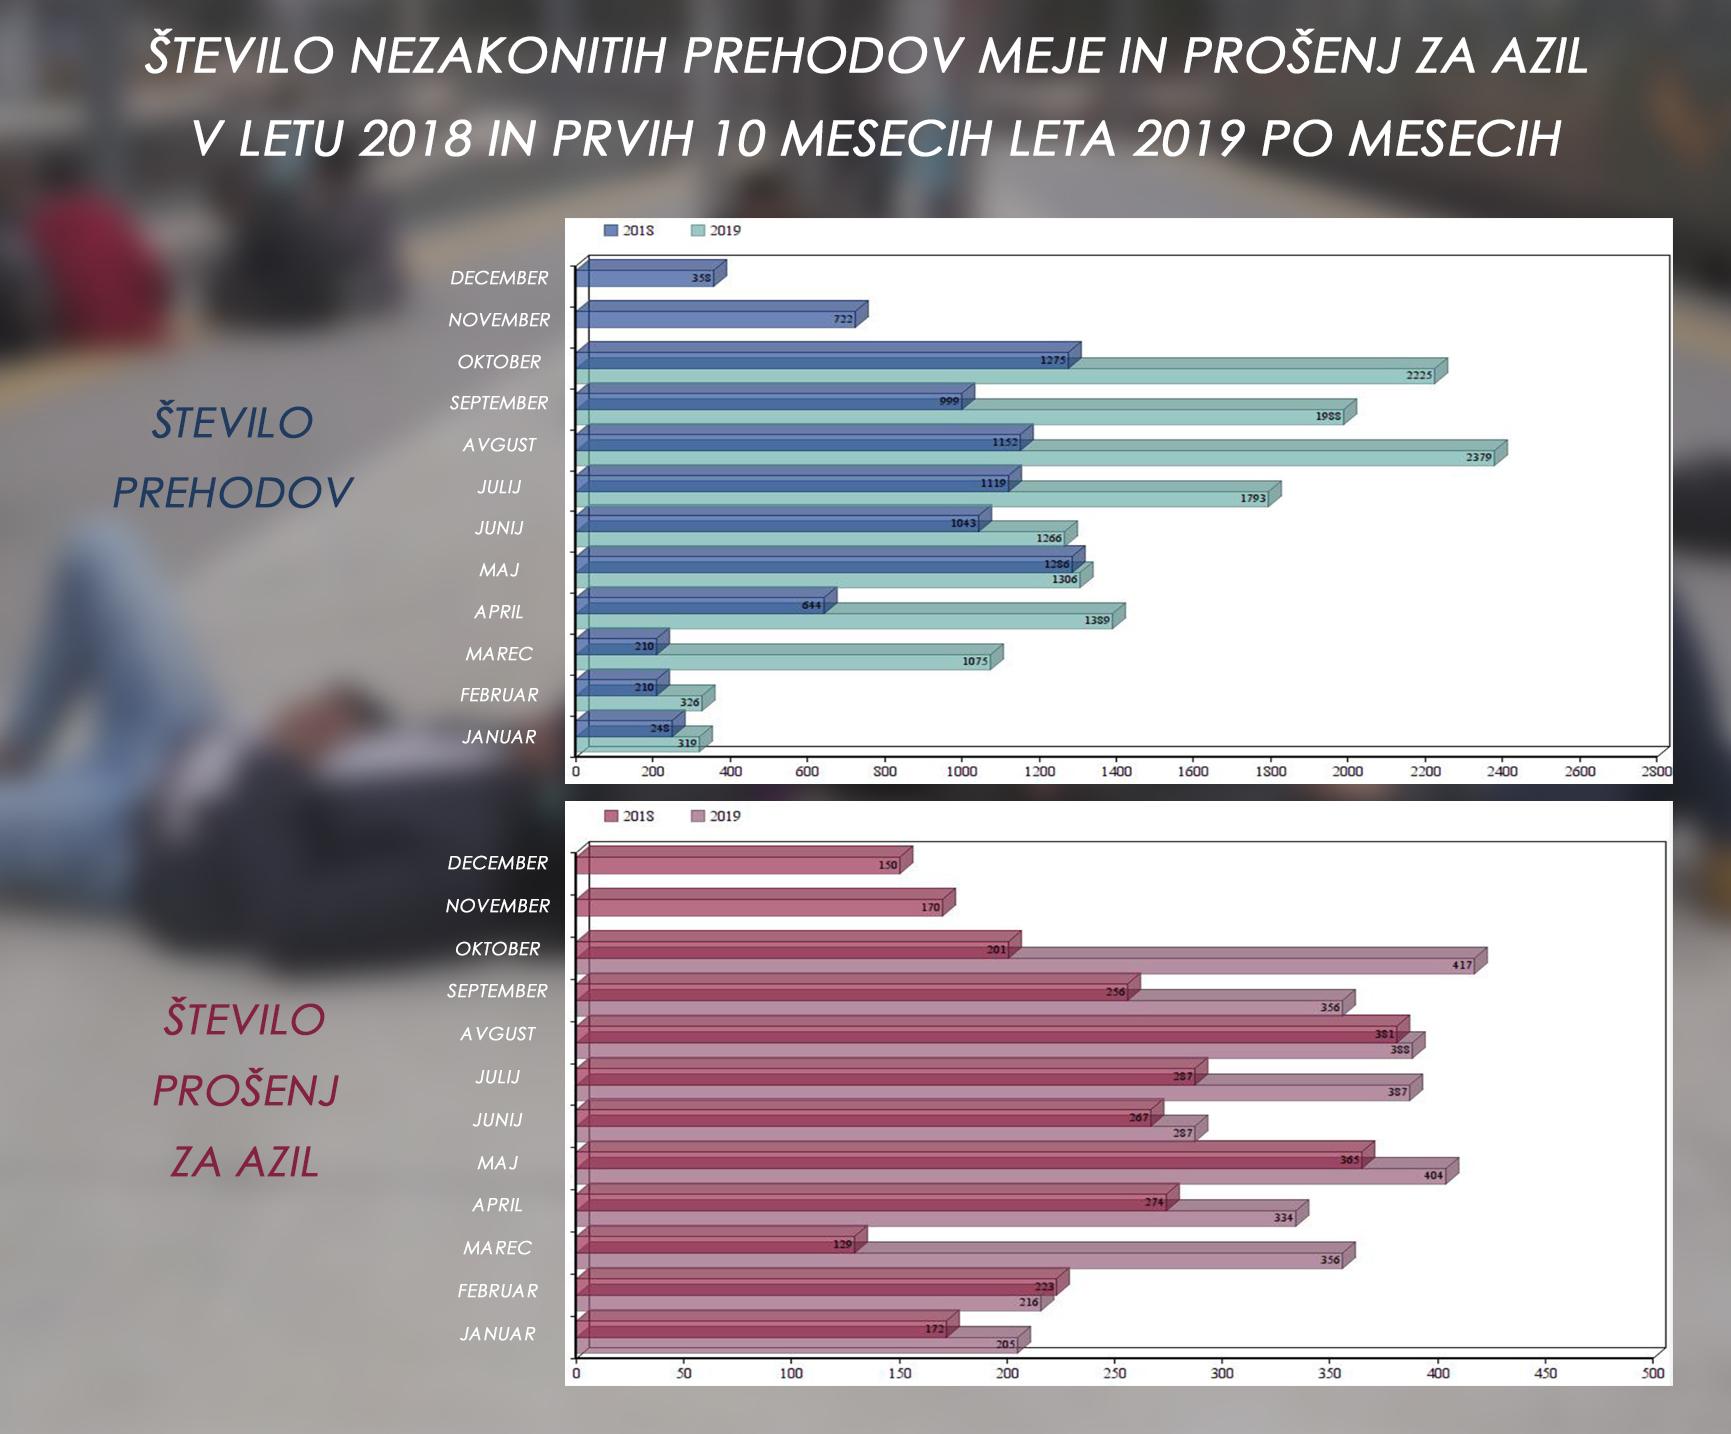 Število nezakonitih prehodov meje in prošenj za azil v prvih desetih mesecih v letu 2018 in 2019. (Foto: MNZ, Nova24tv)